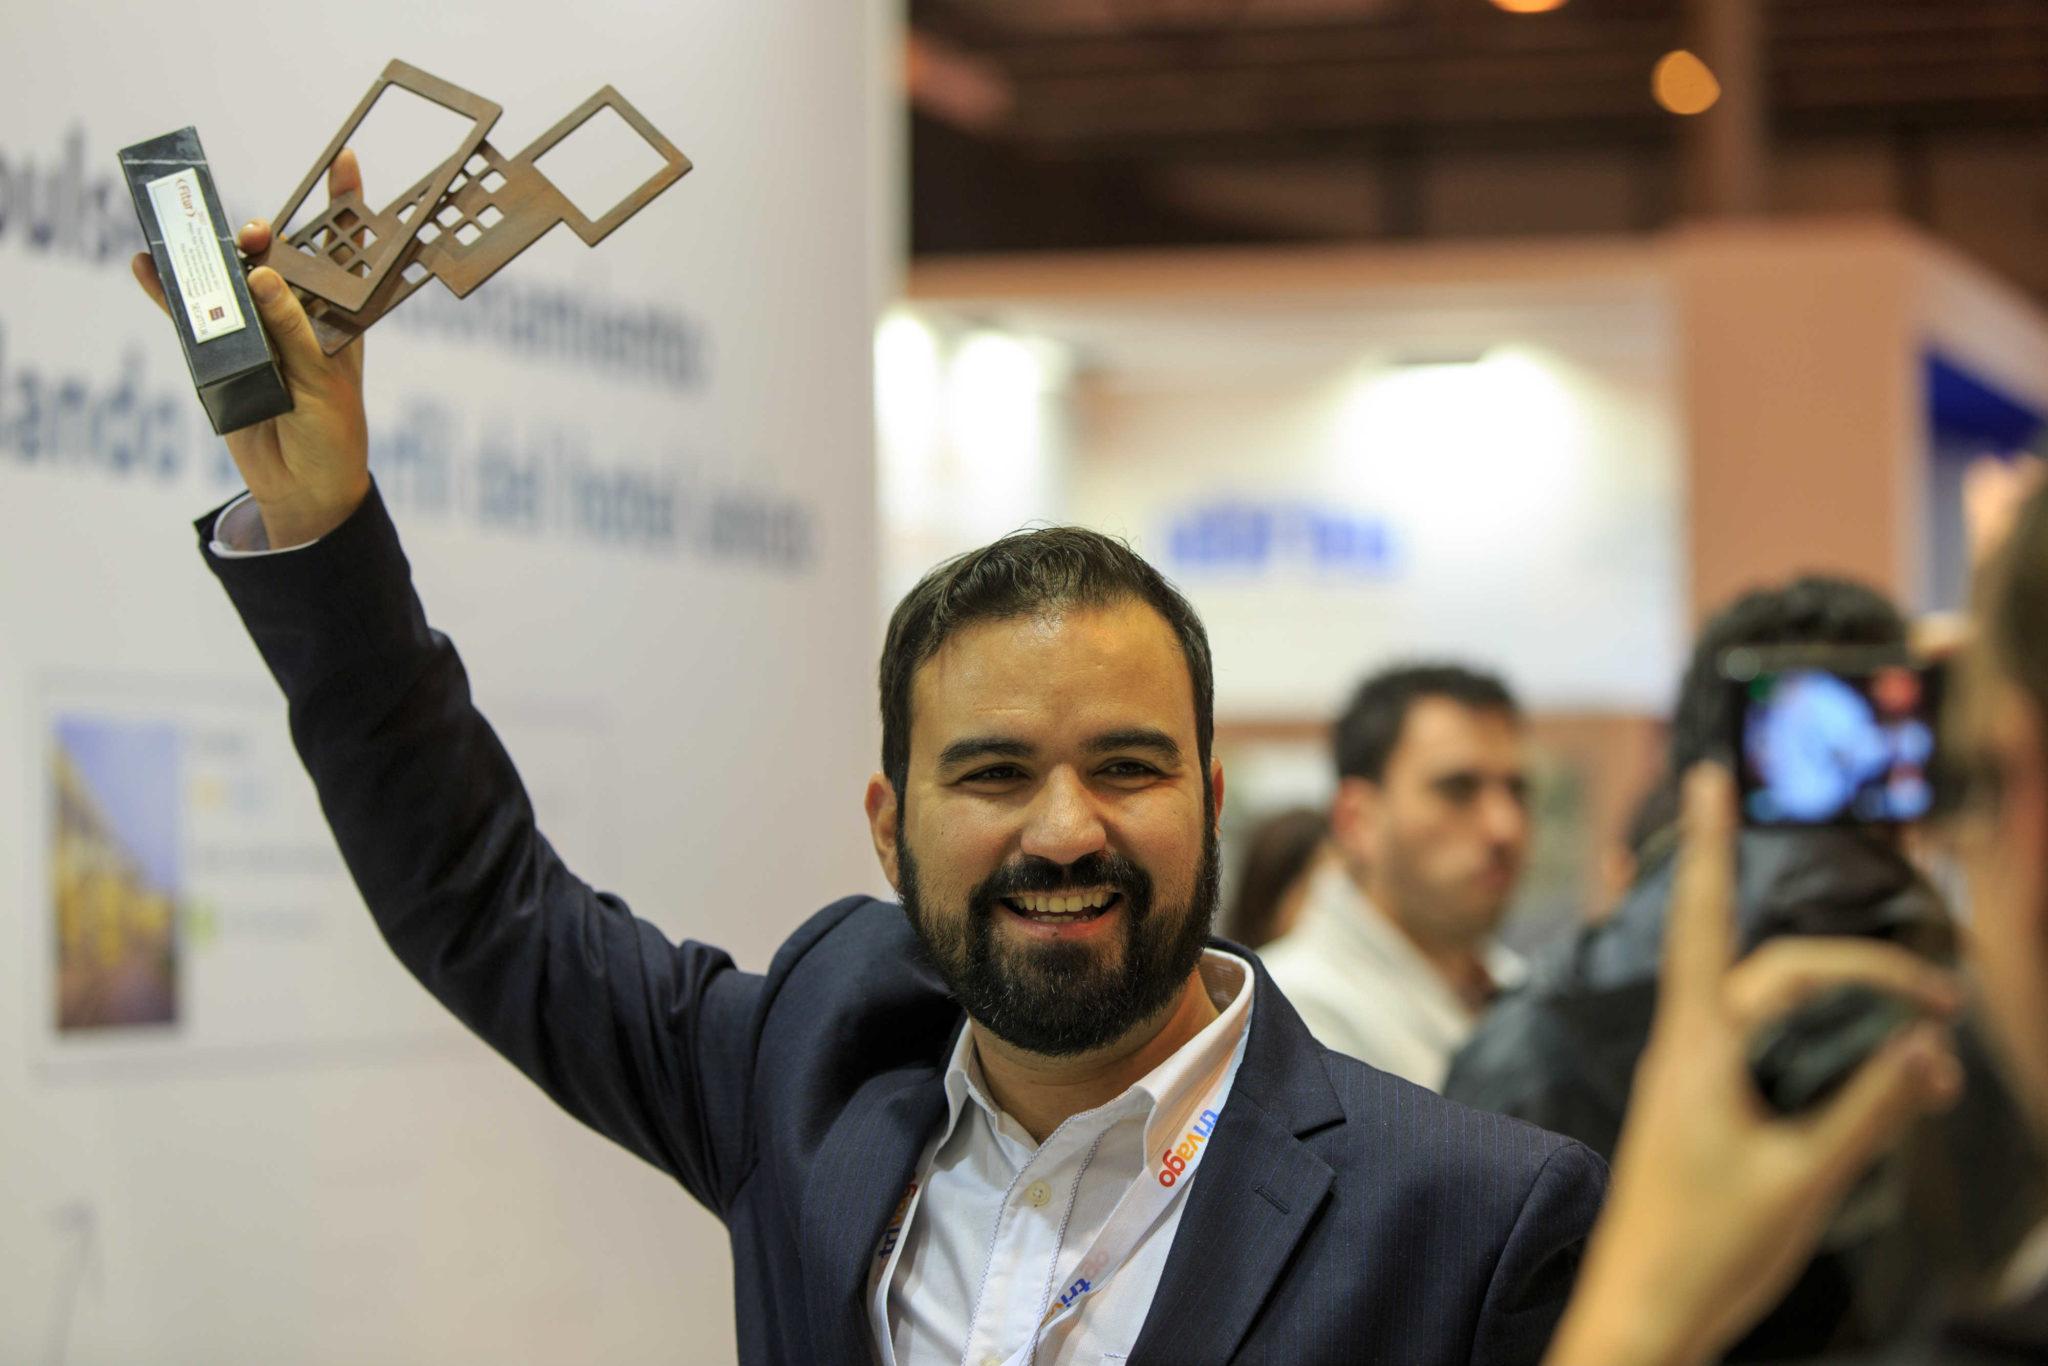 Alberto con el premio a la mejor app de servicios turísticos